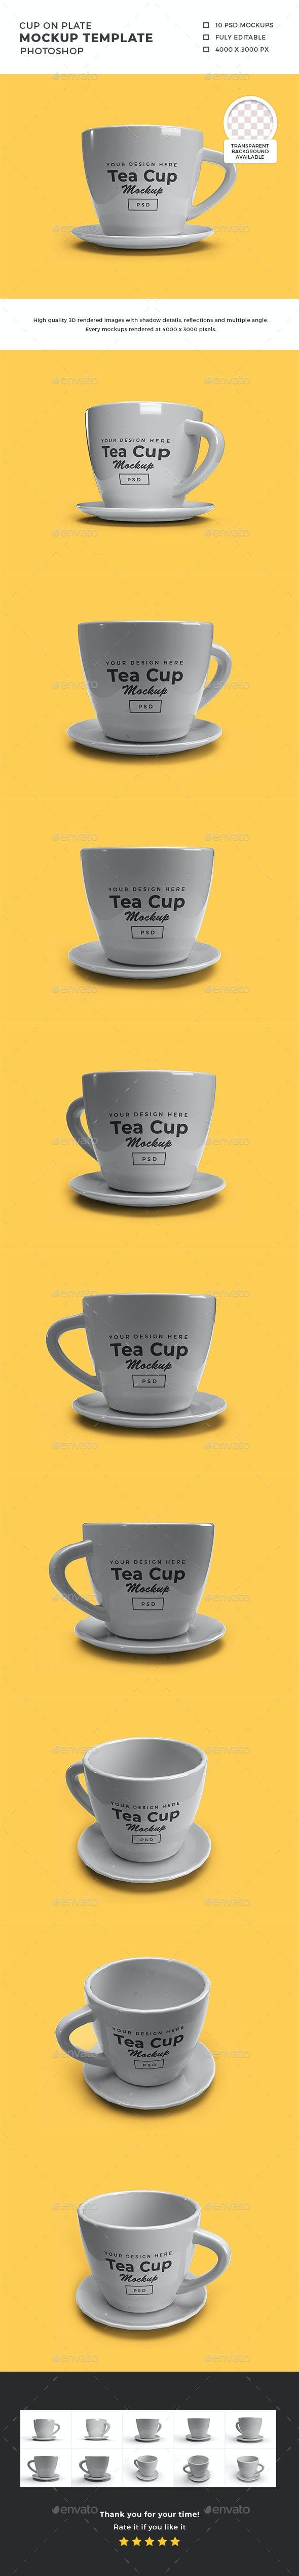 Tea Cup on Plate 3D Mockup Template